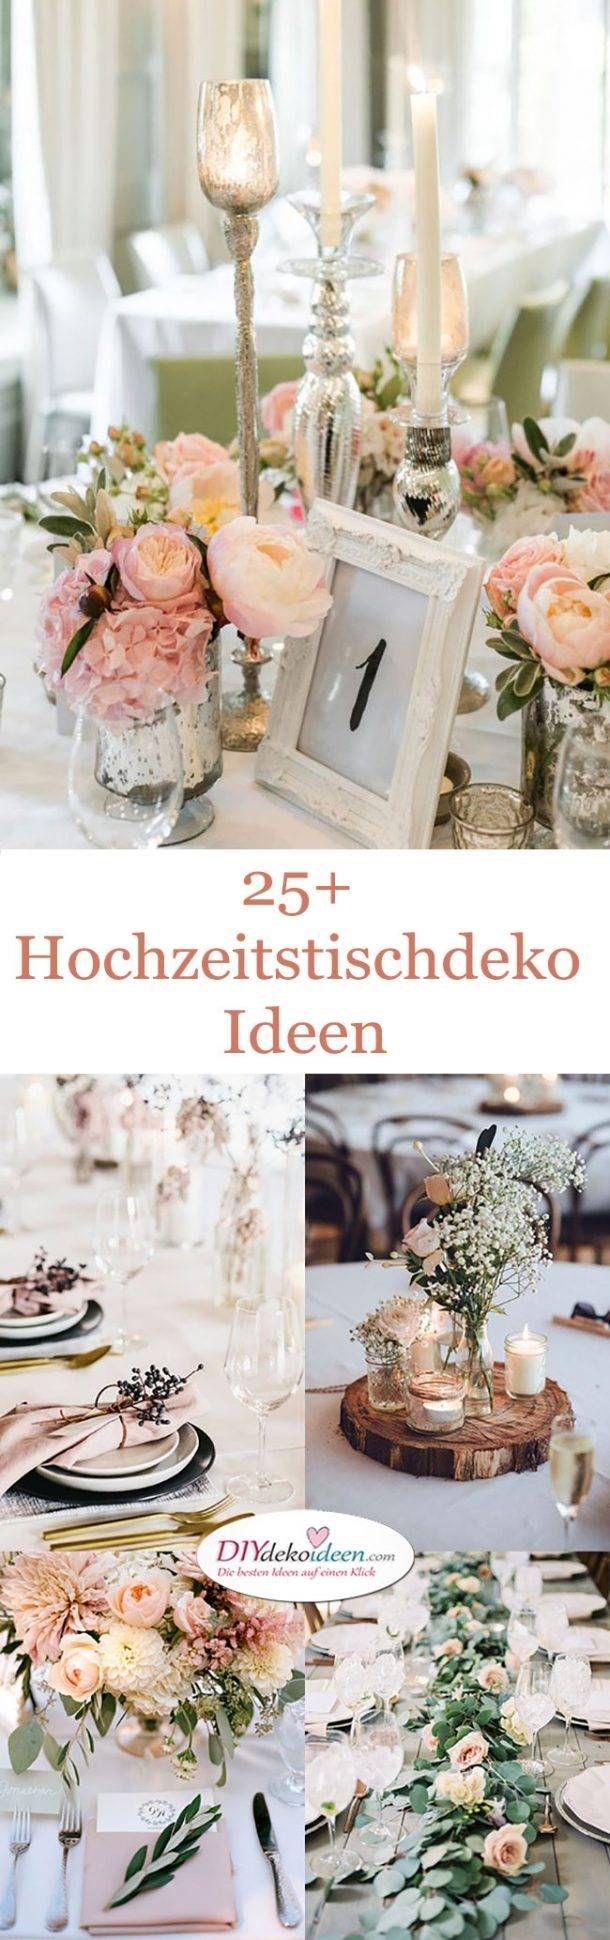 Hochzeitstischdeko Ideen für deine Hochzeitsplanung